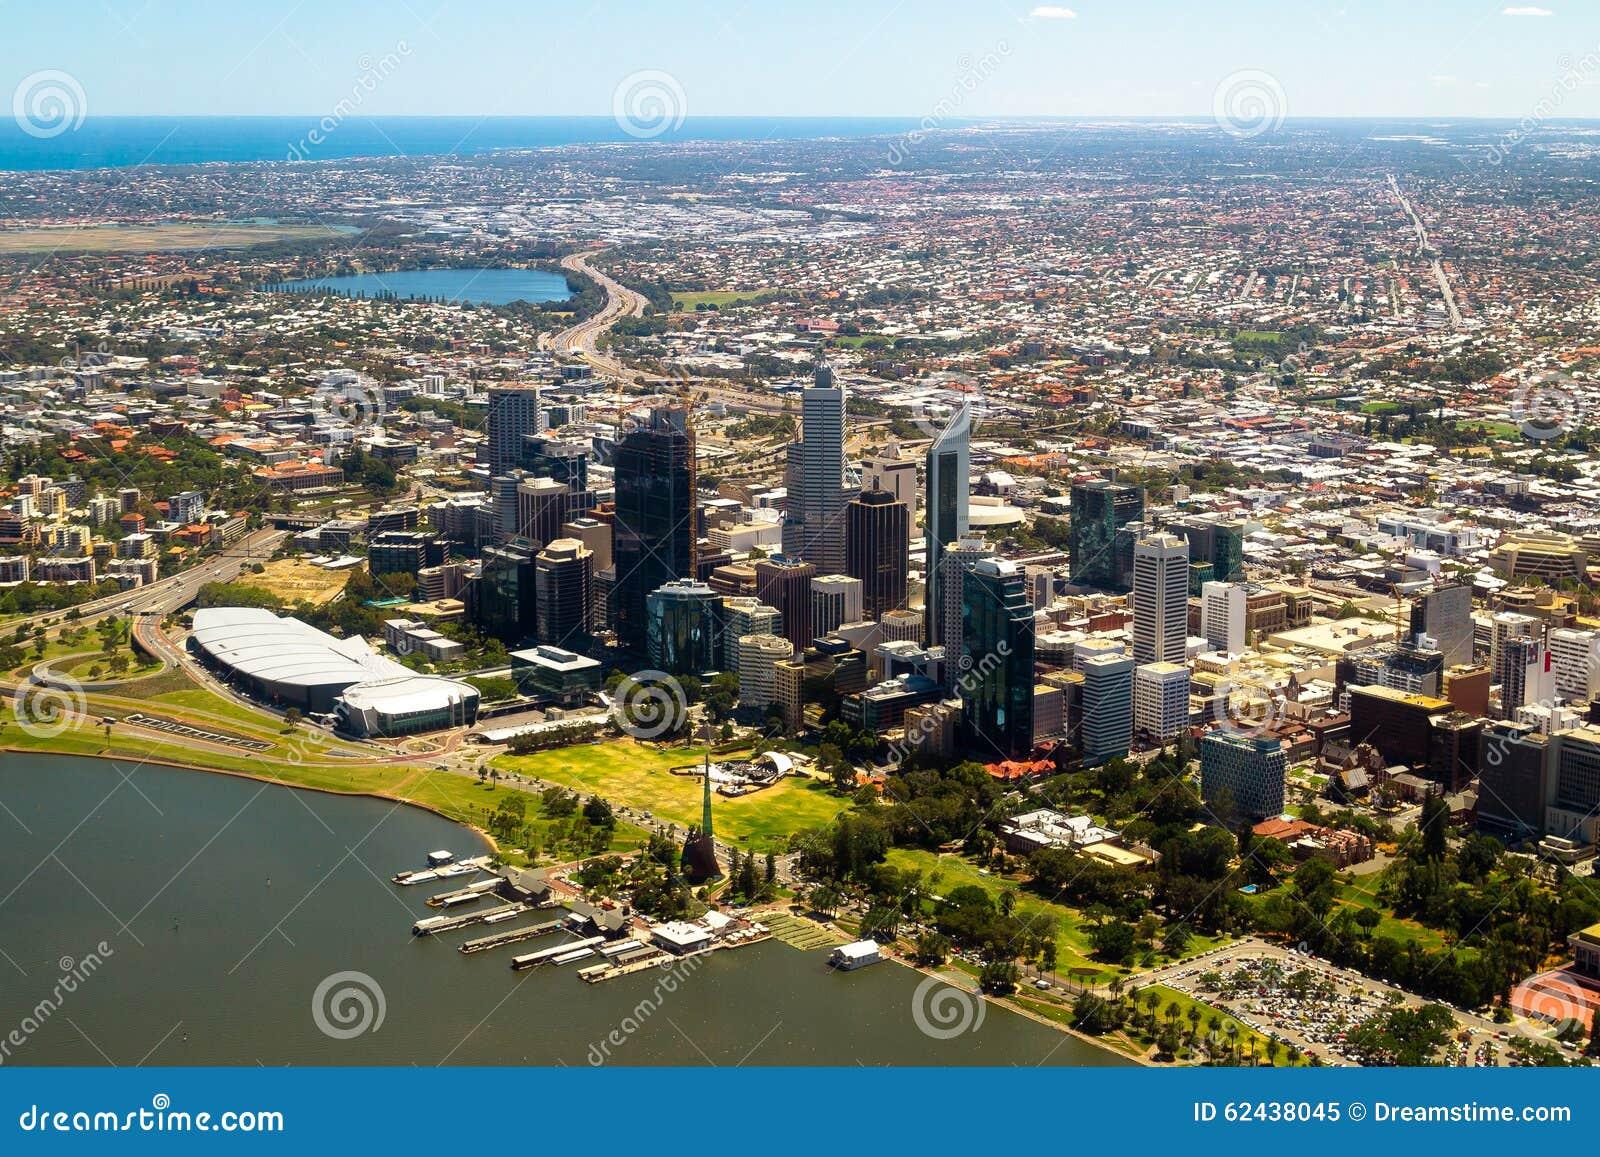 D day date in Perth